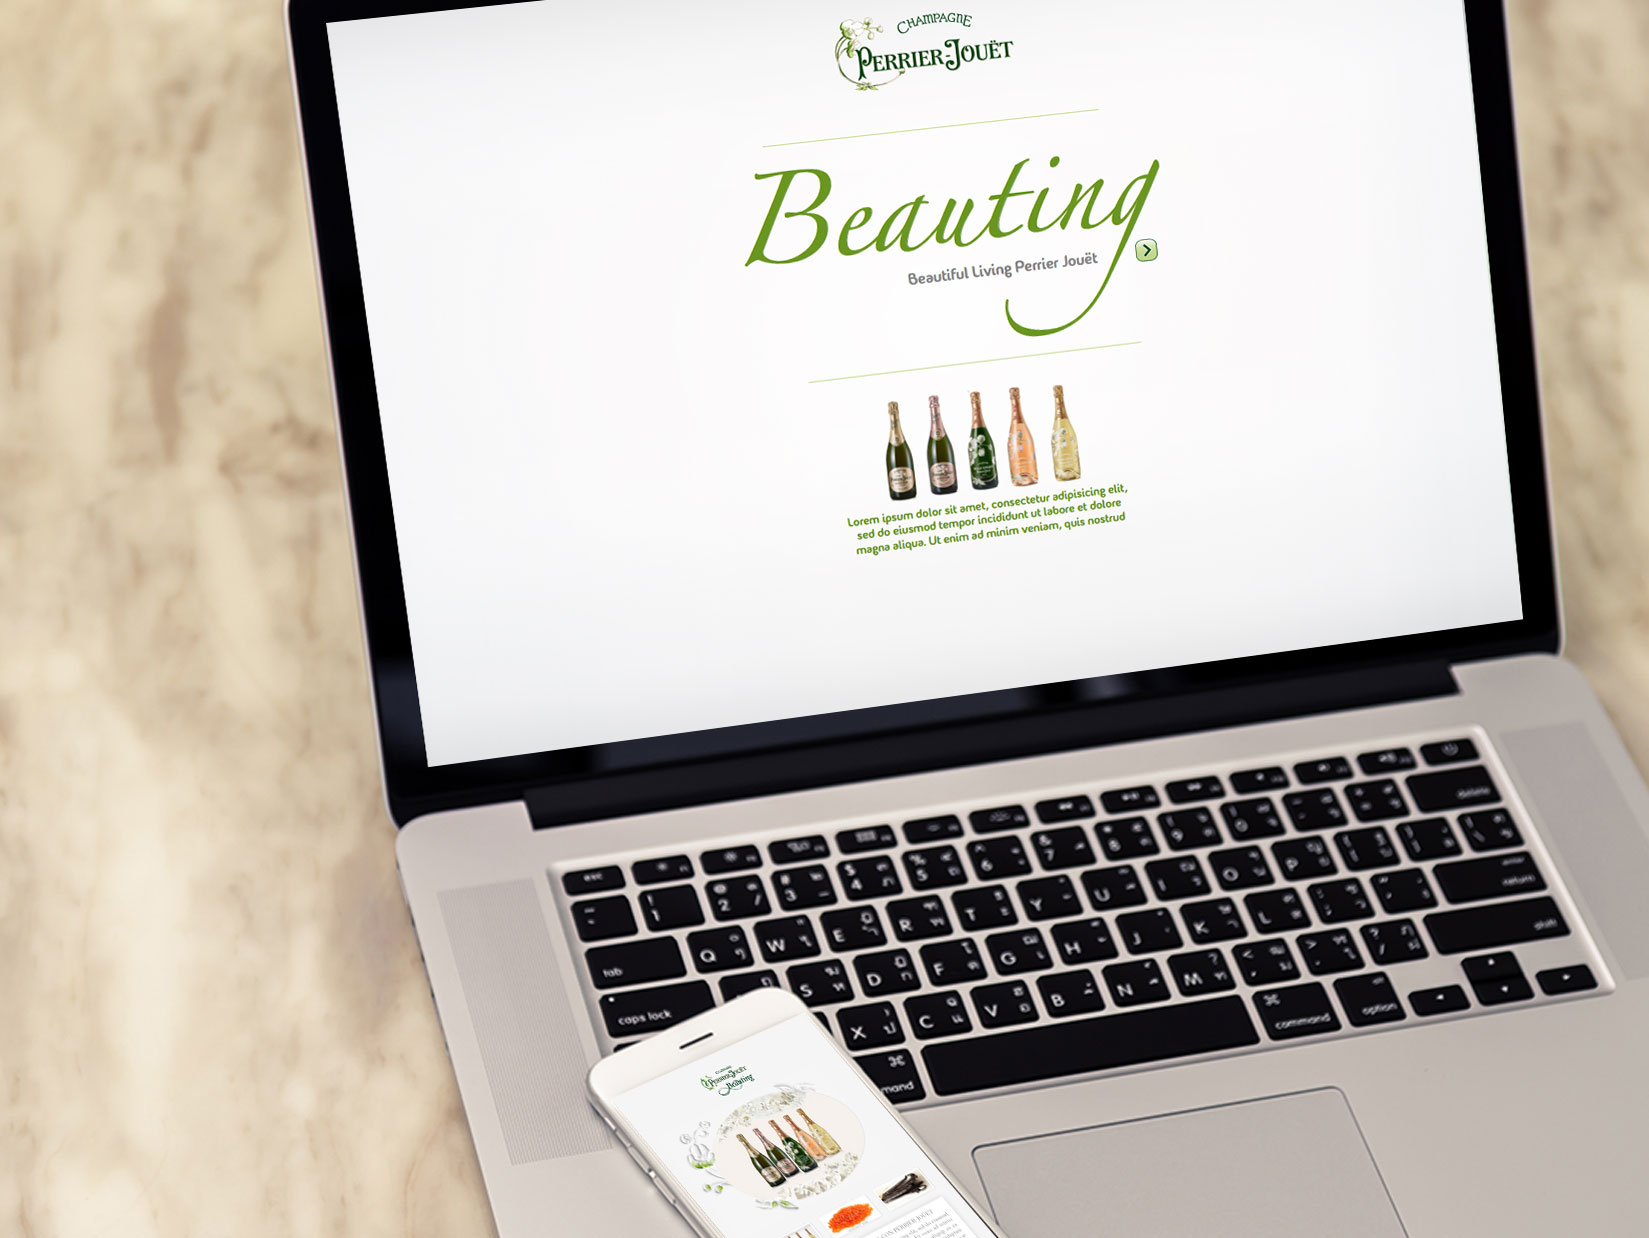 Desarrollo Web: sitio web responsive para el Champagne Perrier Jouët de Pernod Ricard. Proyecto